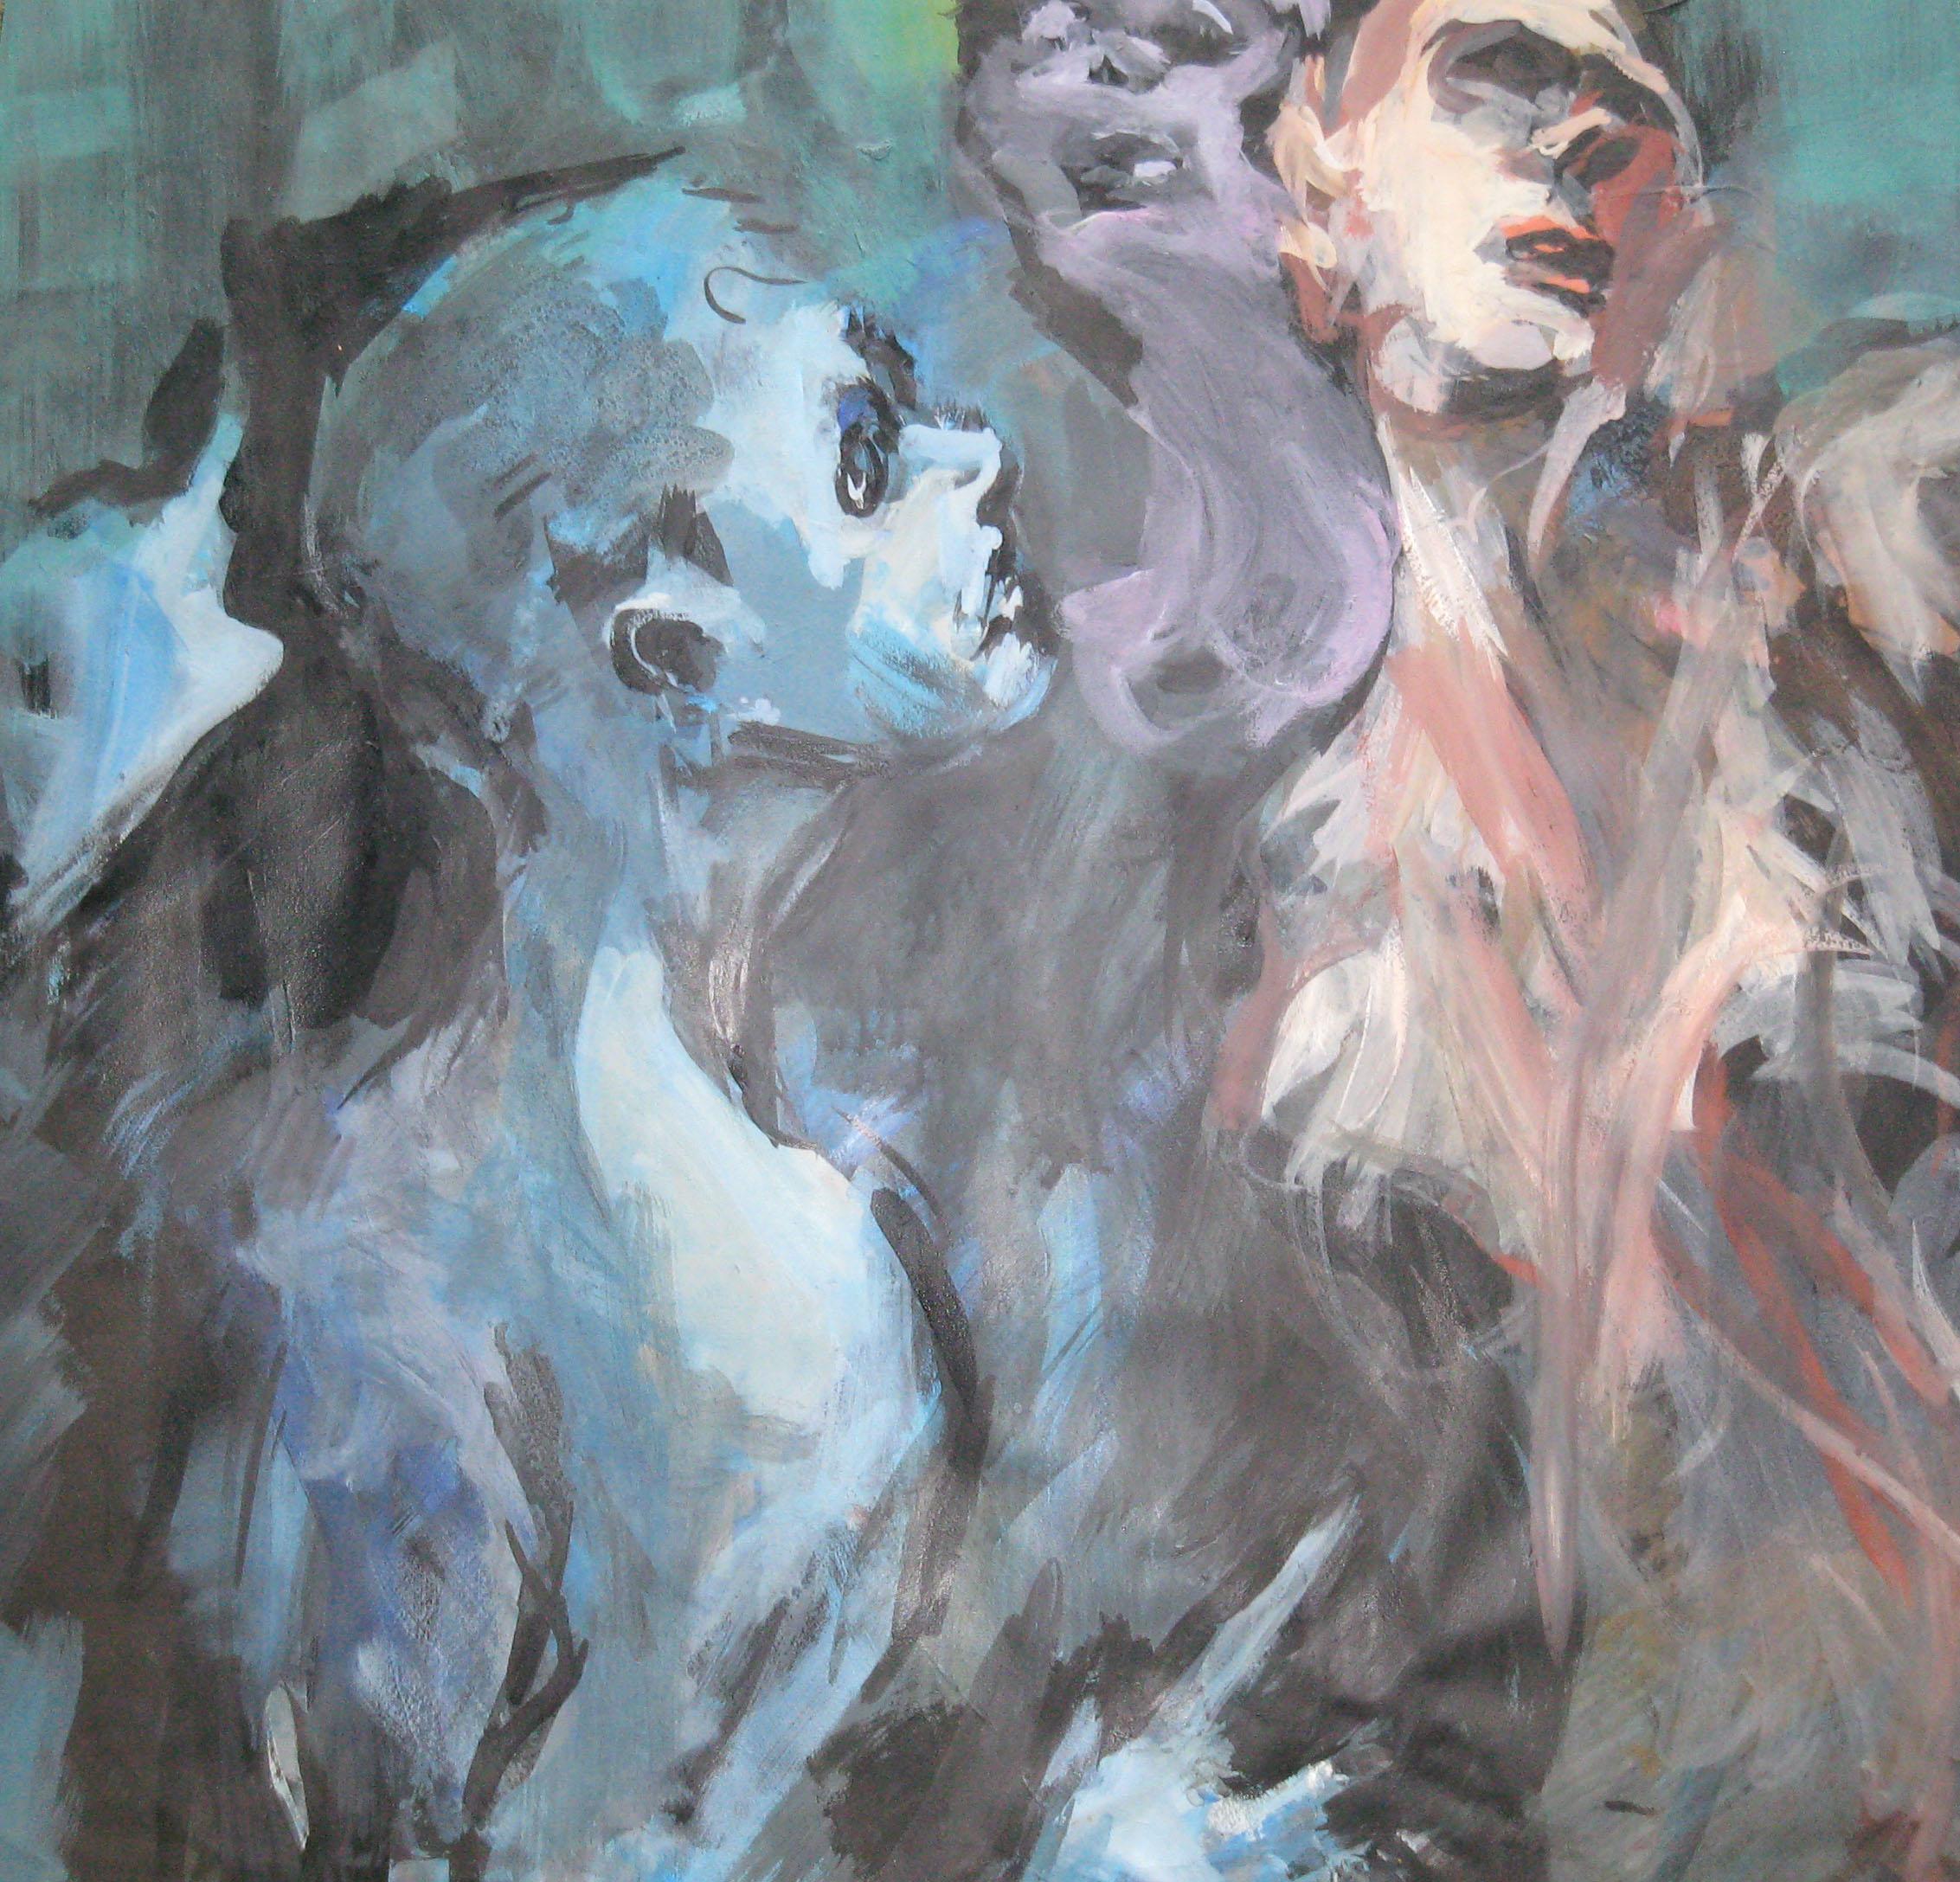 le Sphinx encre,acrylique sur papier 71x70